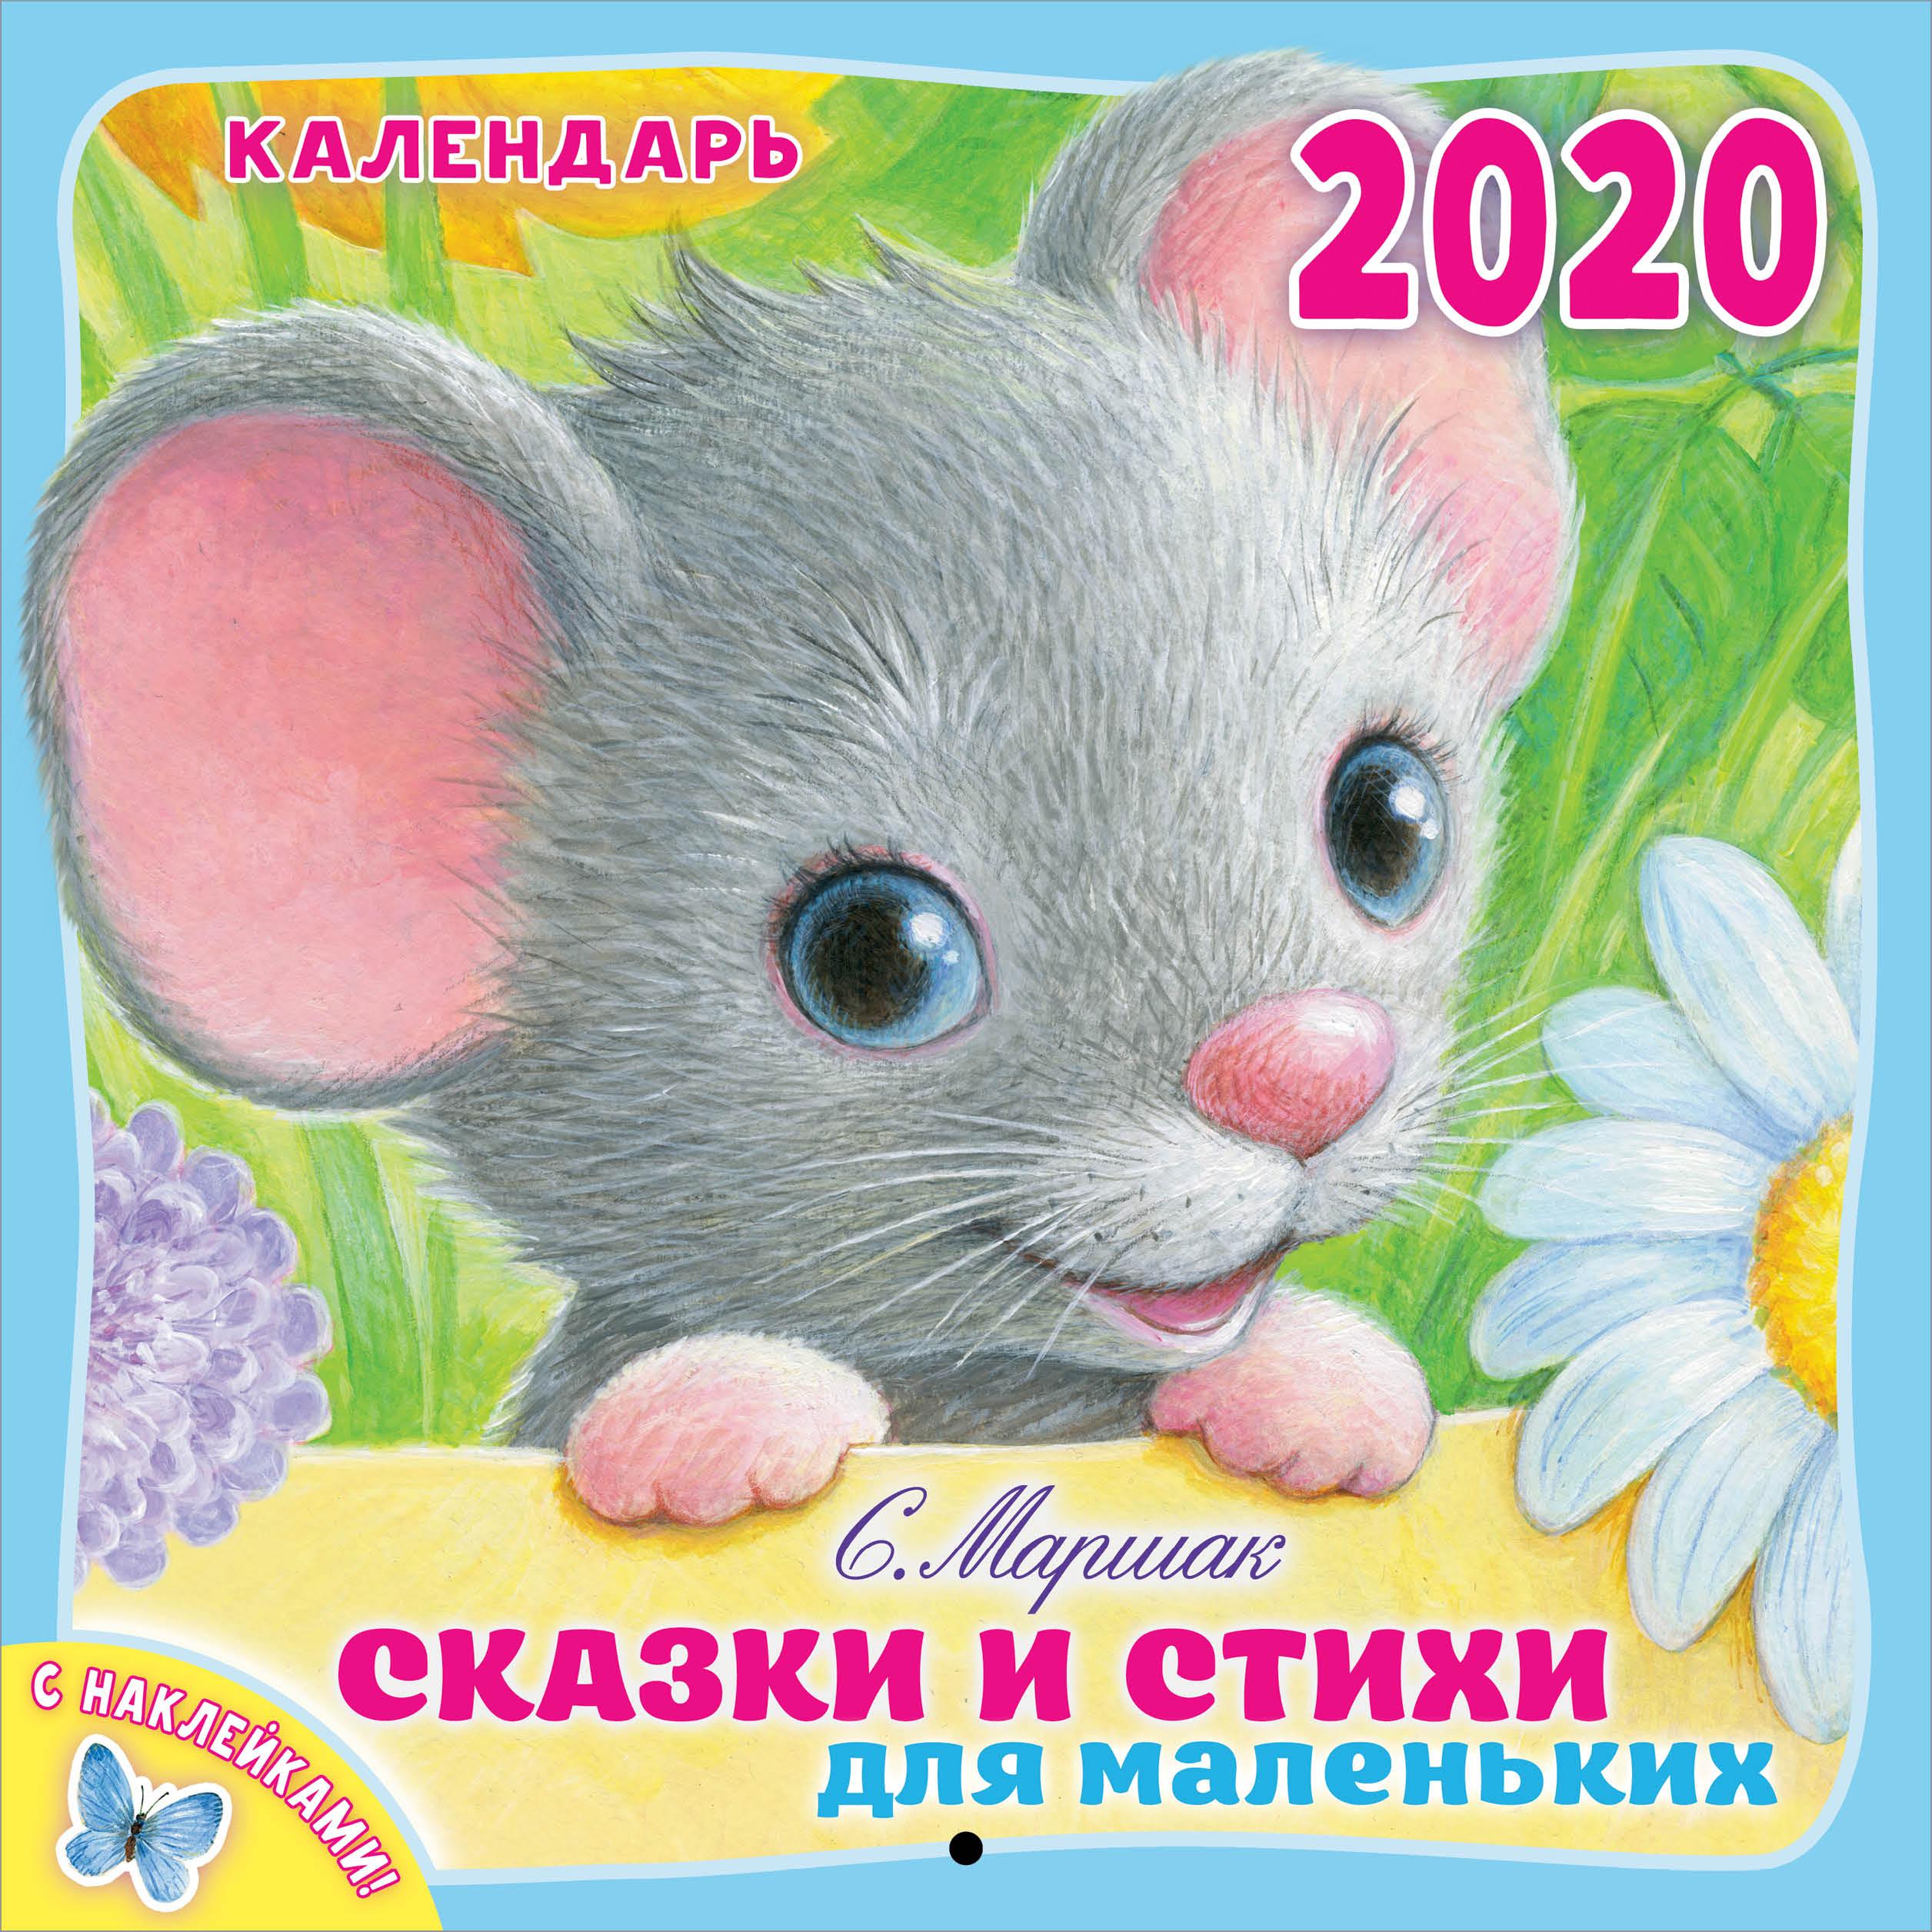 Маршак Самуил Яковлевич Сказки и стихи для маленьких стихи деда мороза